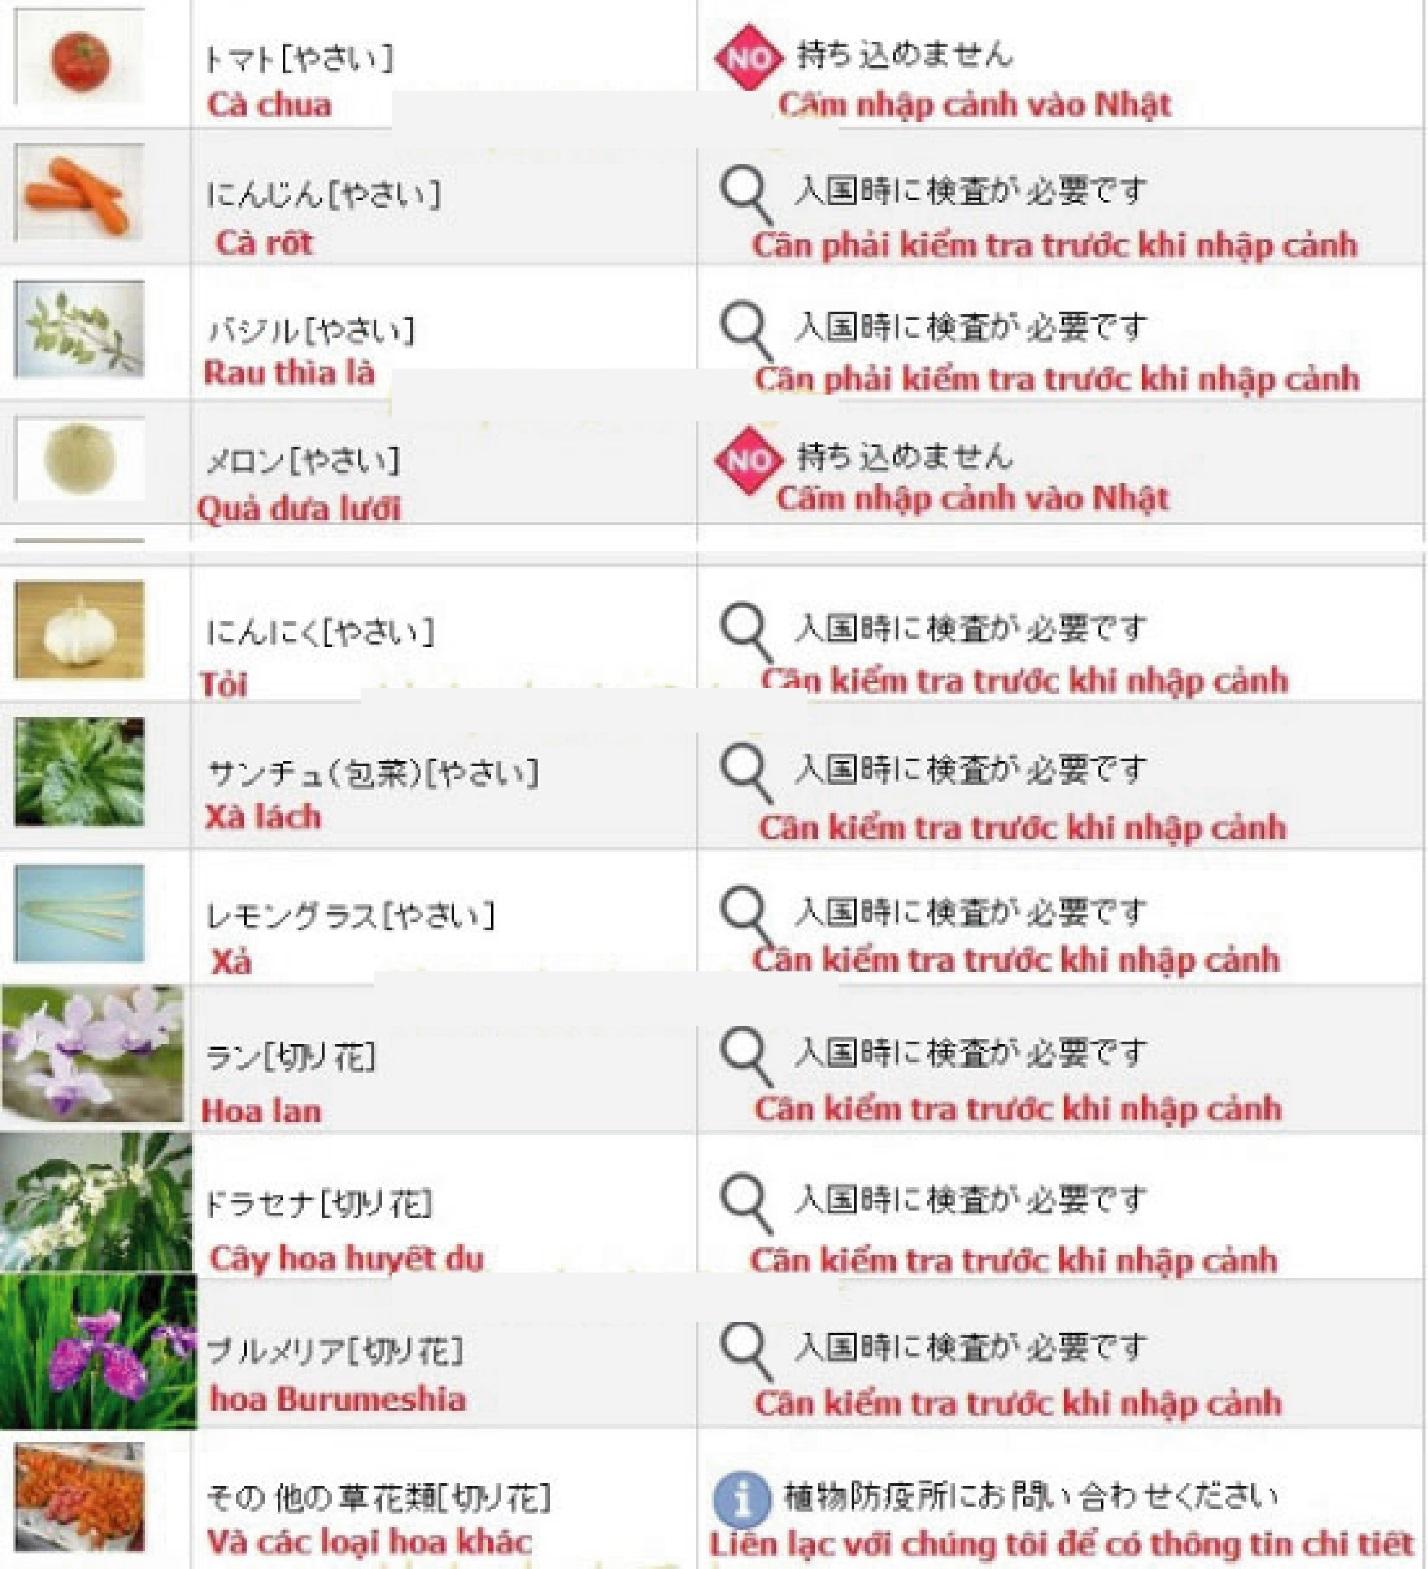 Thực phẩm nào bị cấm nhập cảnh vào Nhật Bản 9